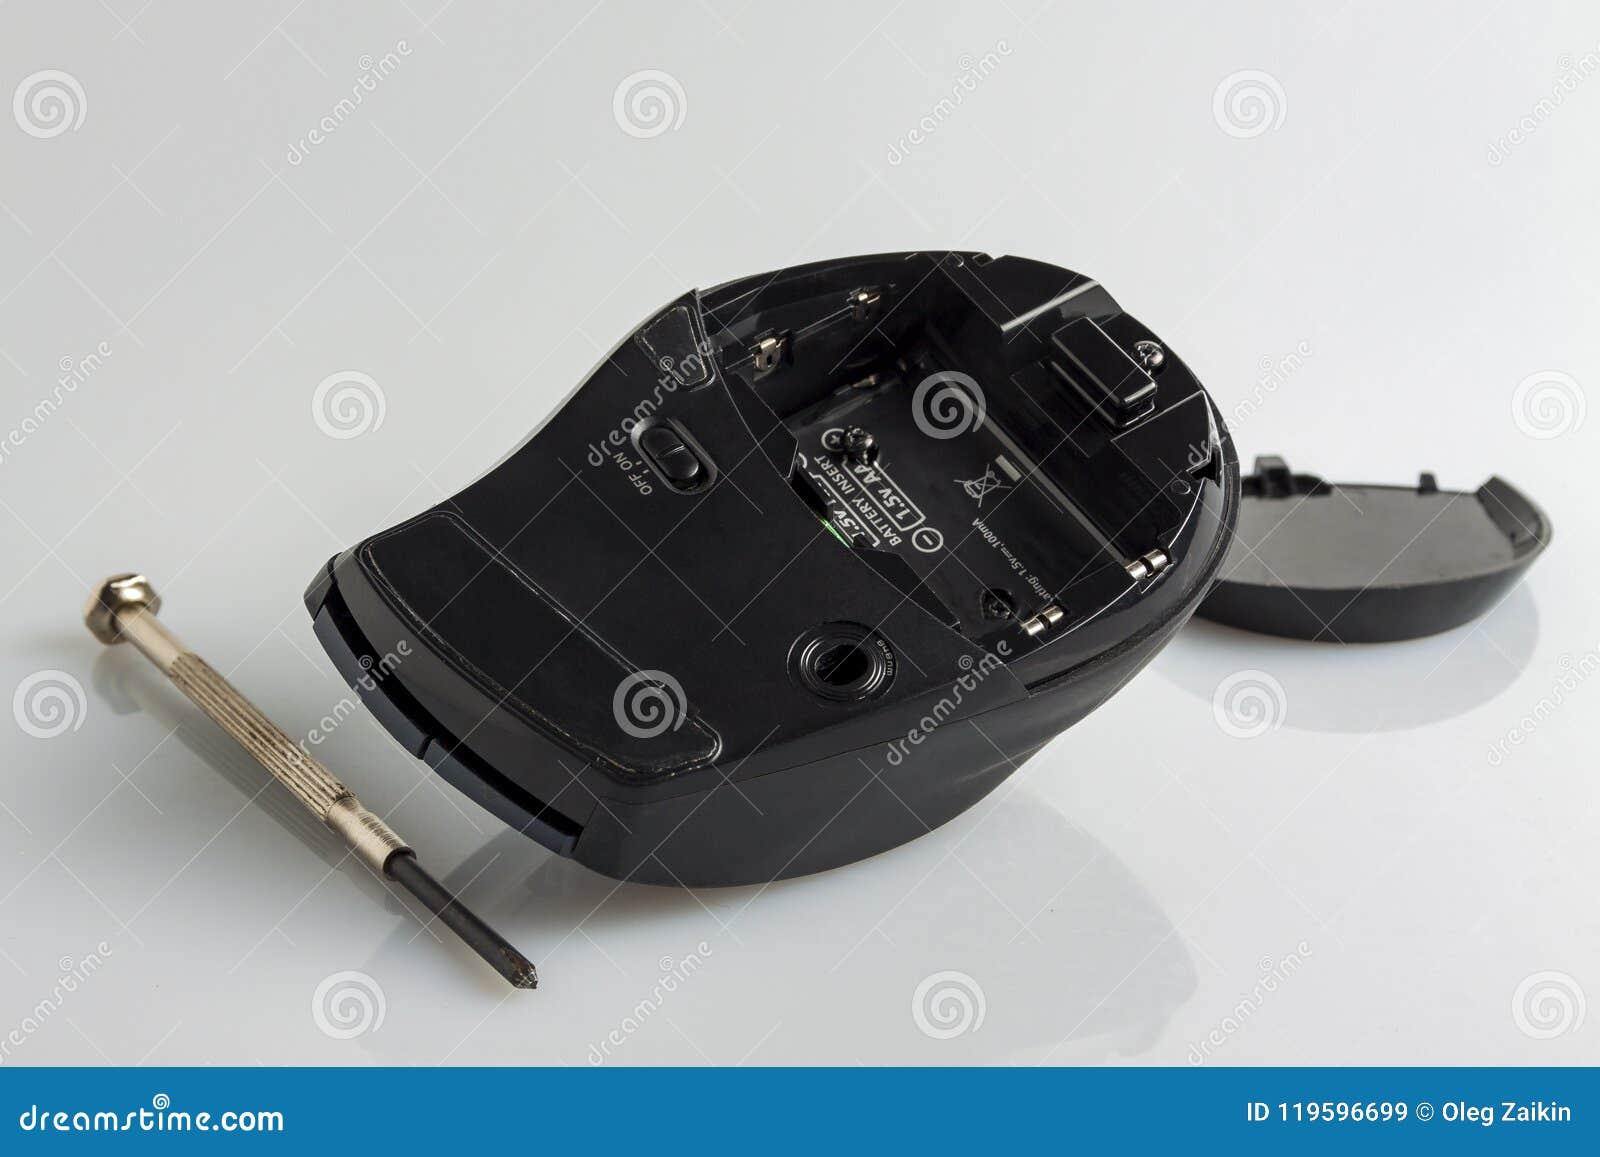 Разобрал мышь компьютера